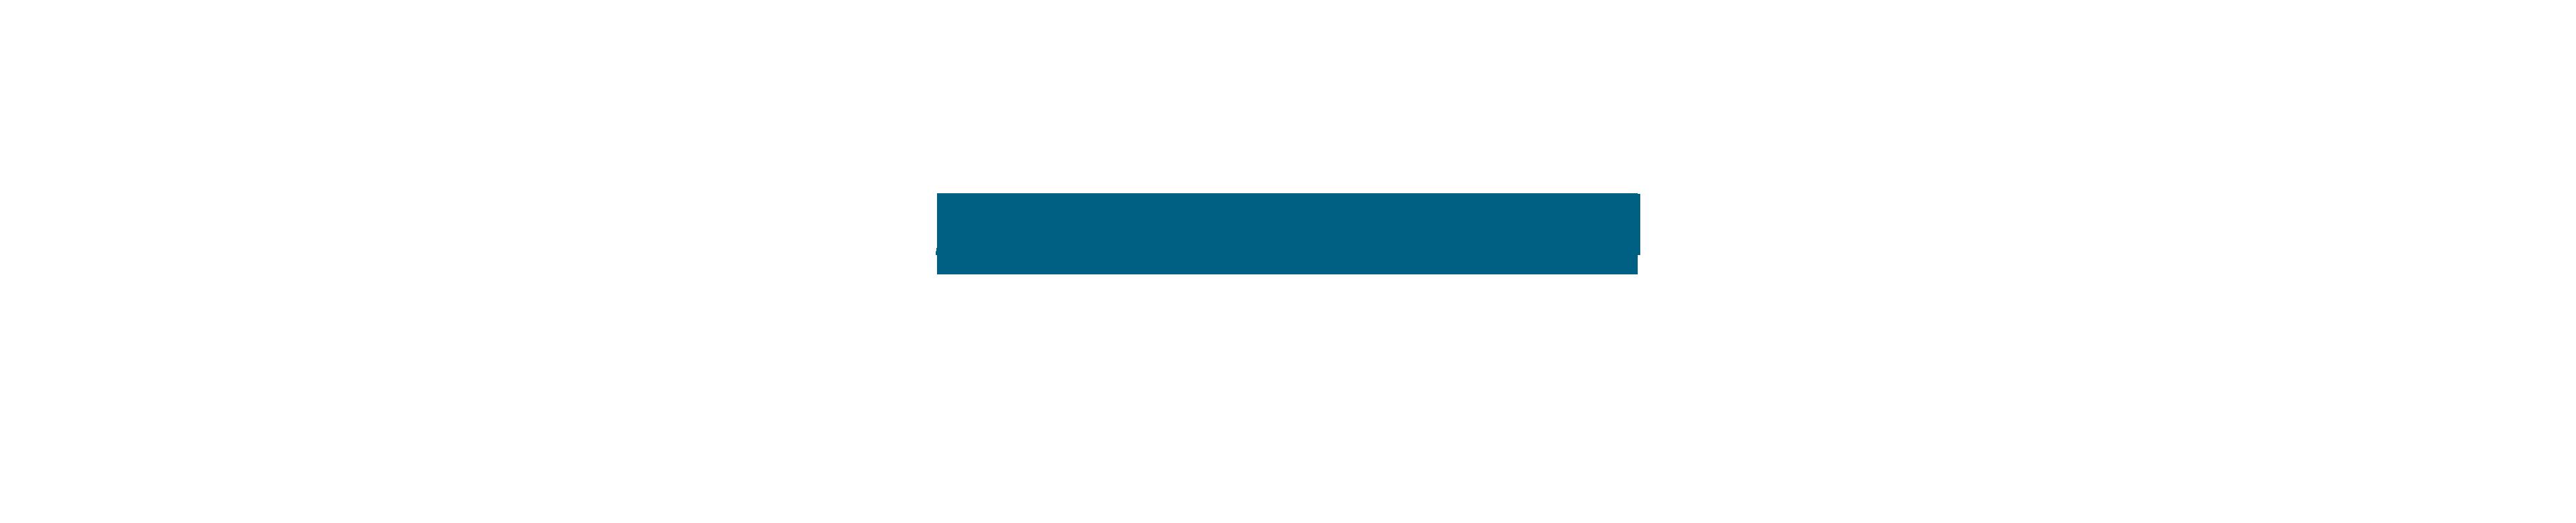 Making Each Life Visual | EIZO